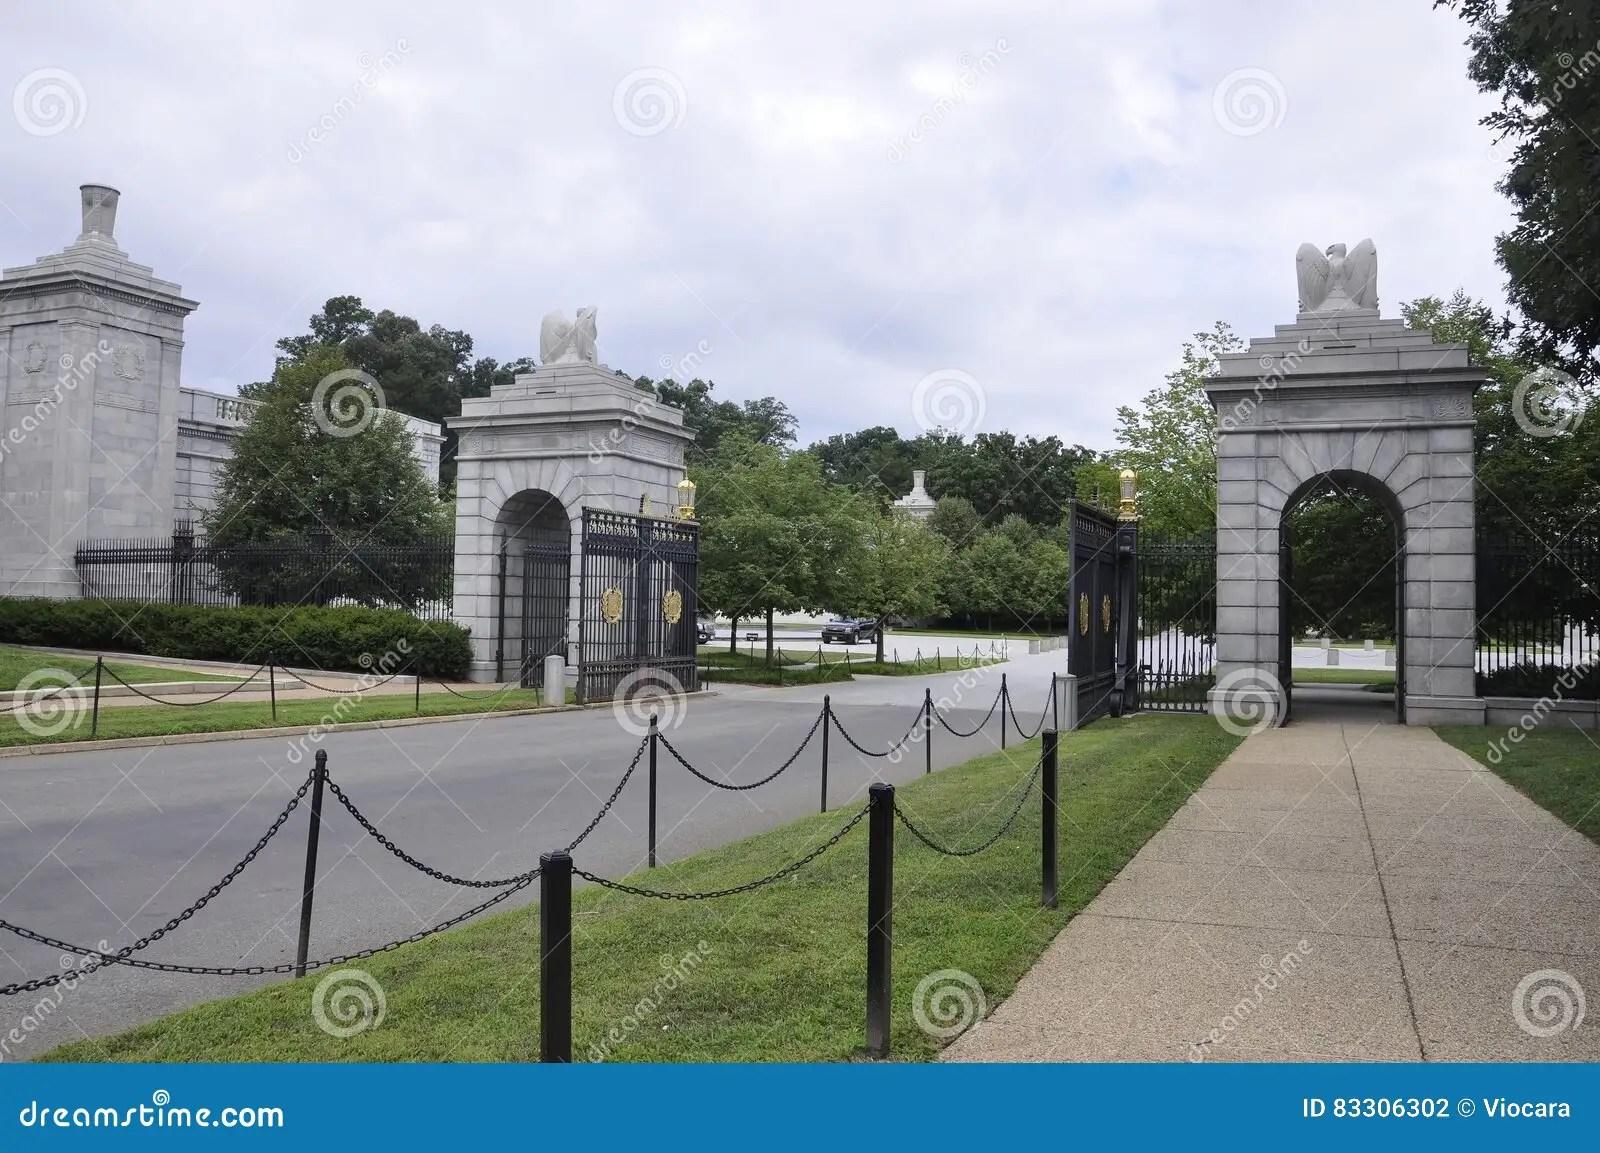 Arlington Cemetery August 5th Arlington National Cemetery